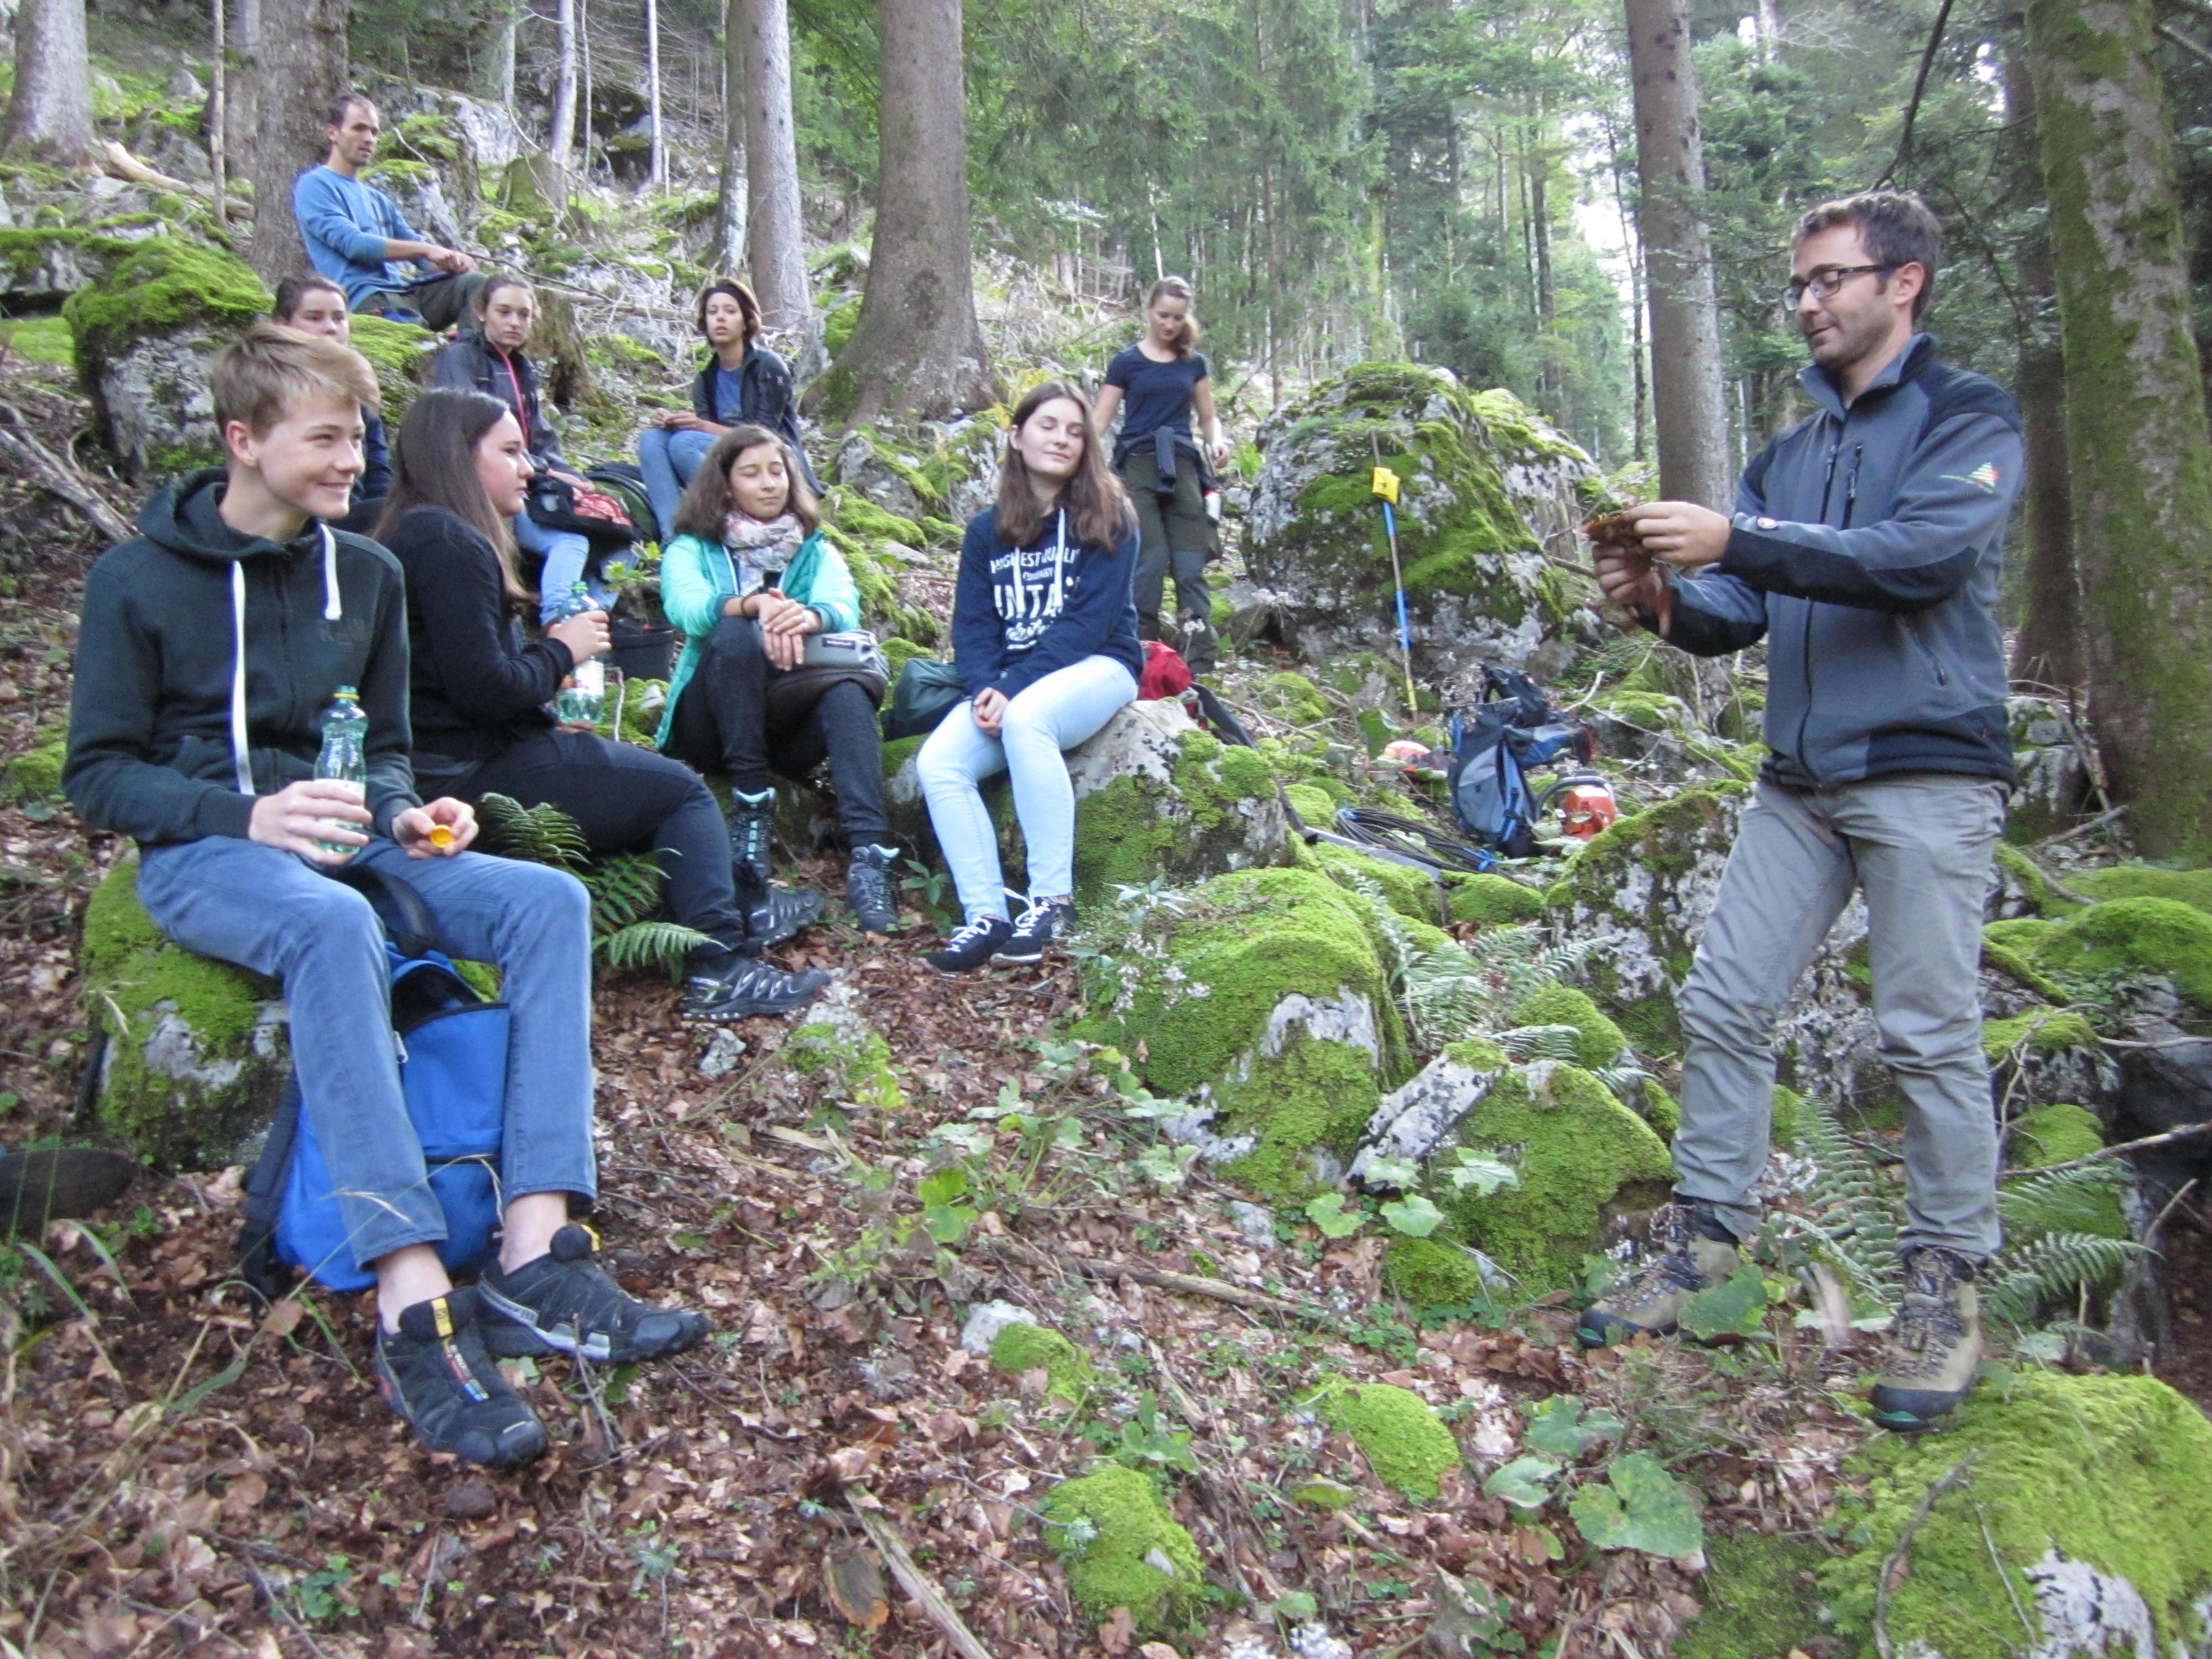 Waldpädagoge Christian Natter bot den jungen Zuhörern interessante Einblicke.